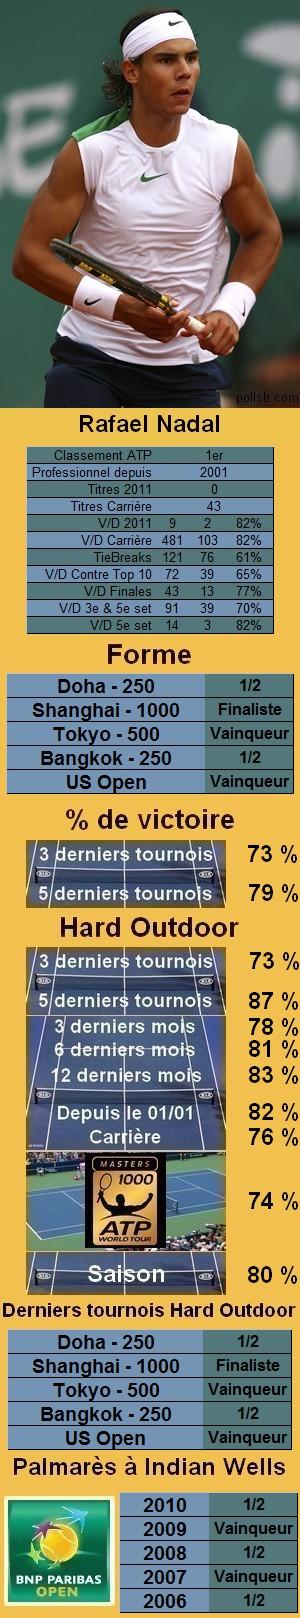 Les statistiques tennis de Rafael Nadal pour le tournoi de Indian Wells